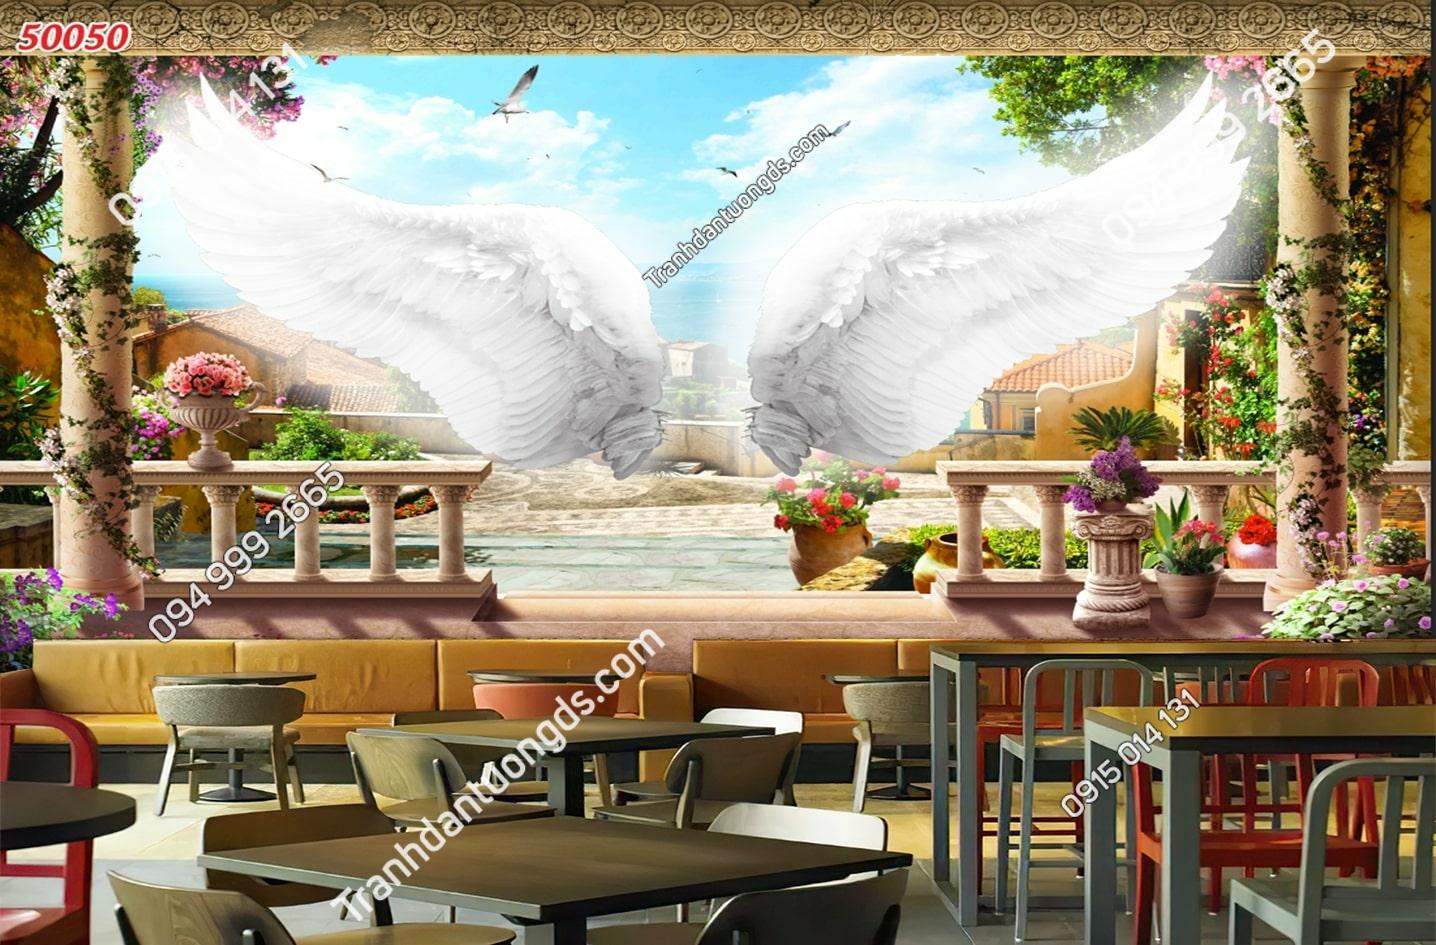 Tranh dán tường đôi cánh thiên thần dán quán cafe 50050